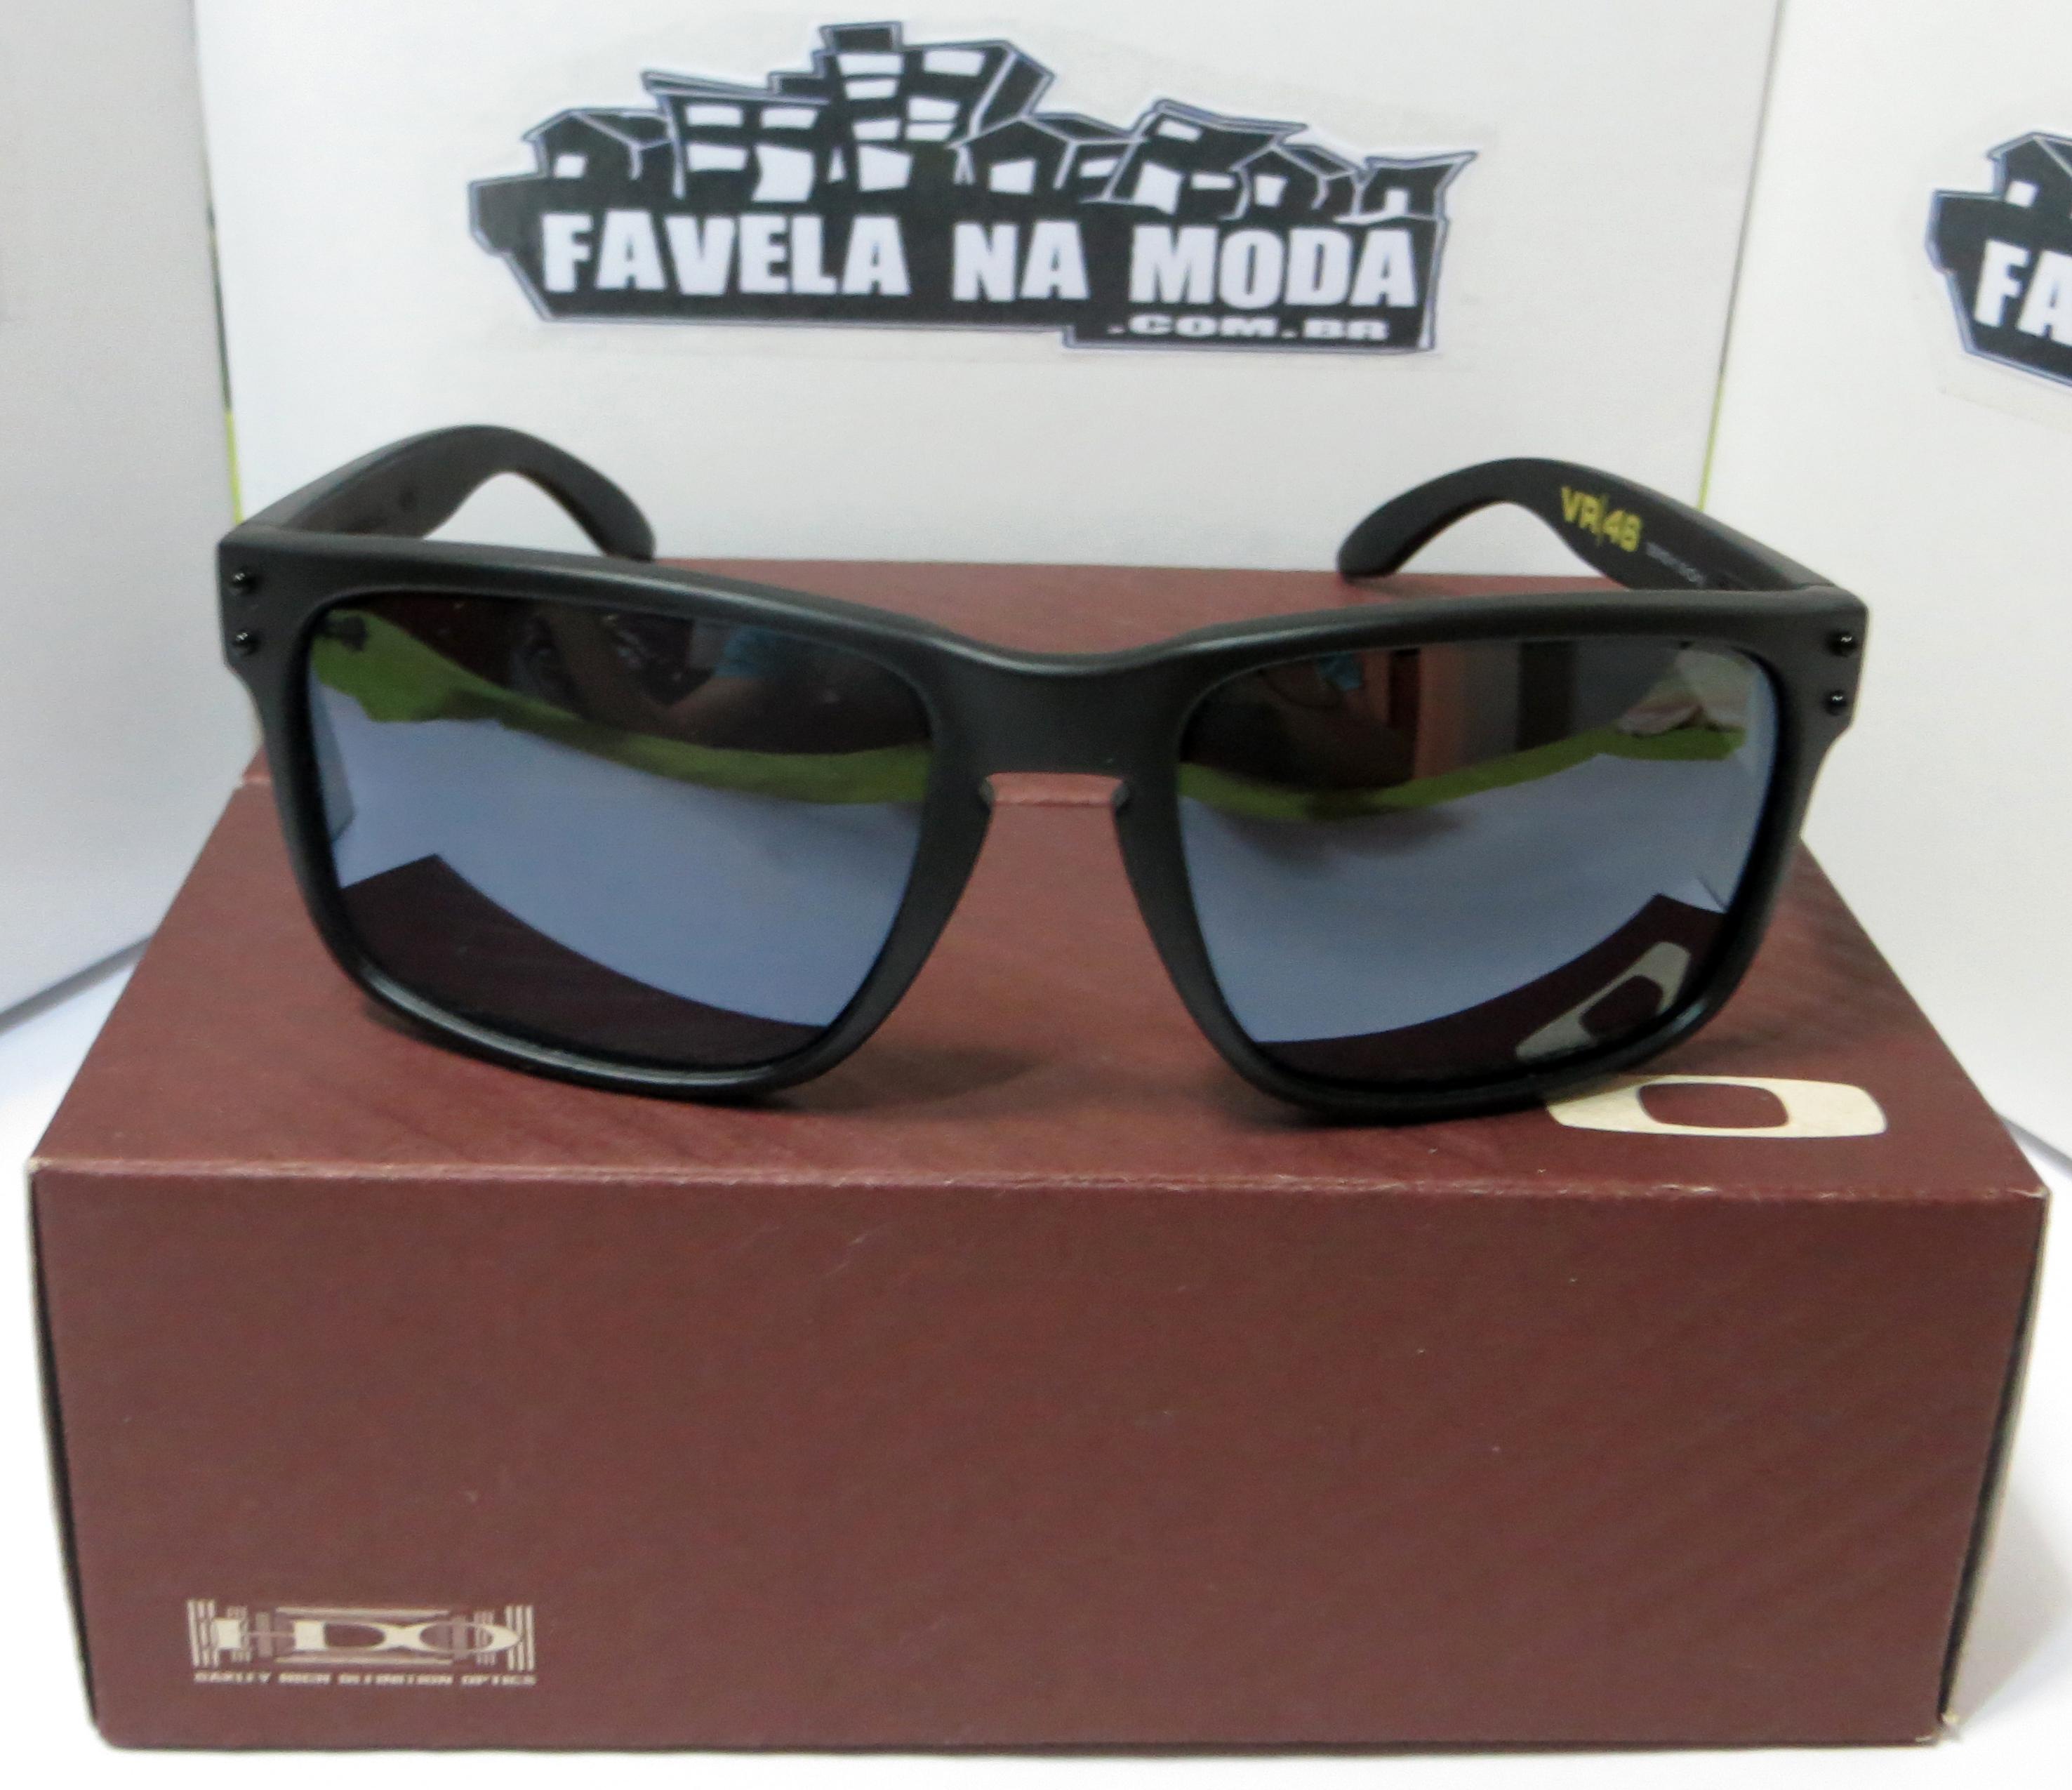 Óculos Oakley Holbrook (Valentino Rossi VR46) - Armação Preto Fosco   Lente  Preta Espelhada   Ícone Amarelo - Favela na Moda Imports 93980041b8